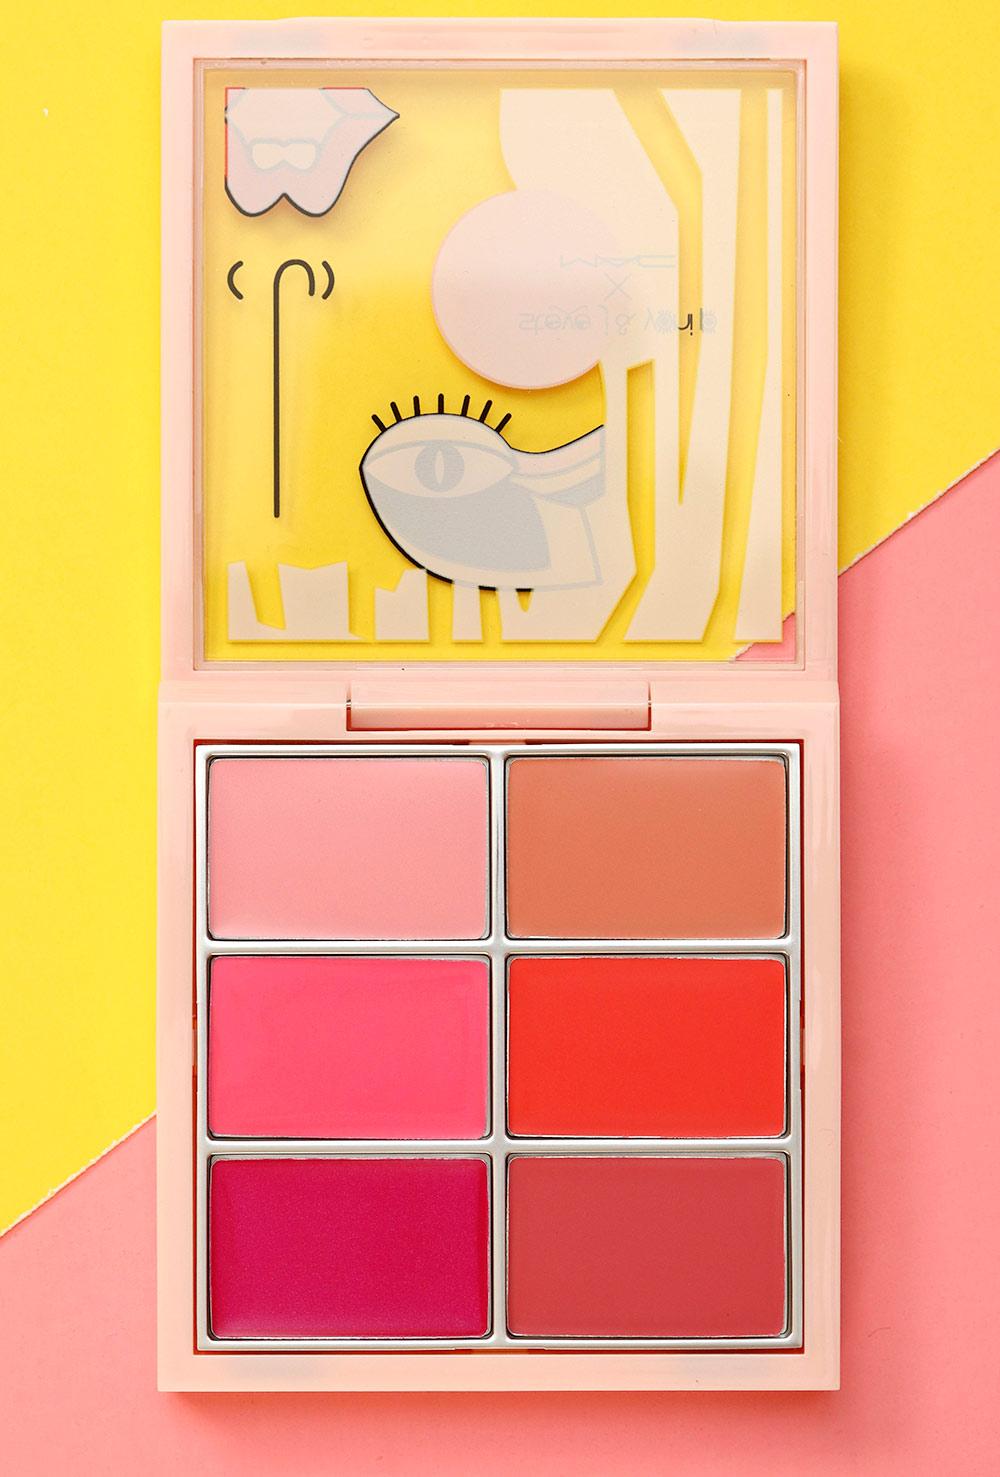 mac steve j yoni p boxes lip cheek palette